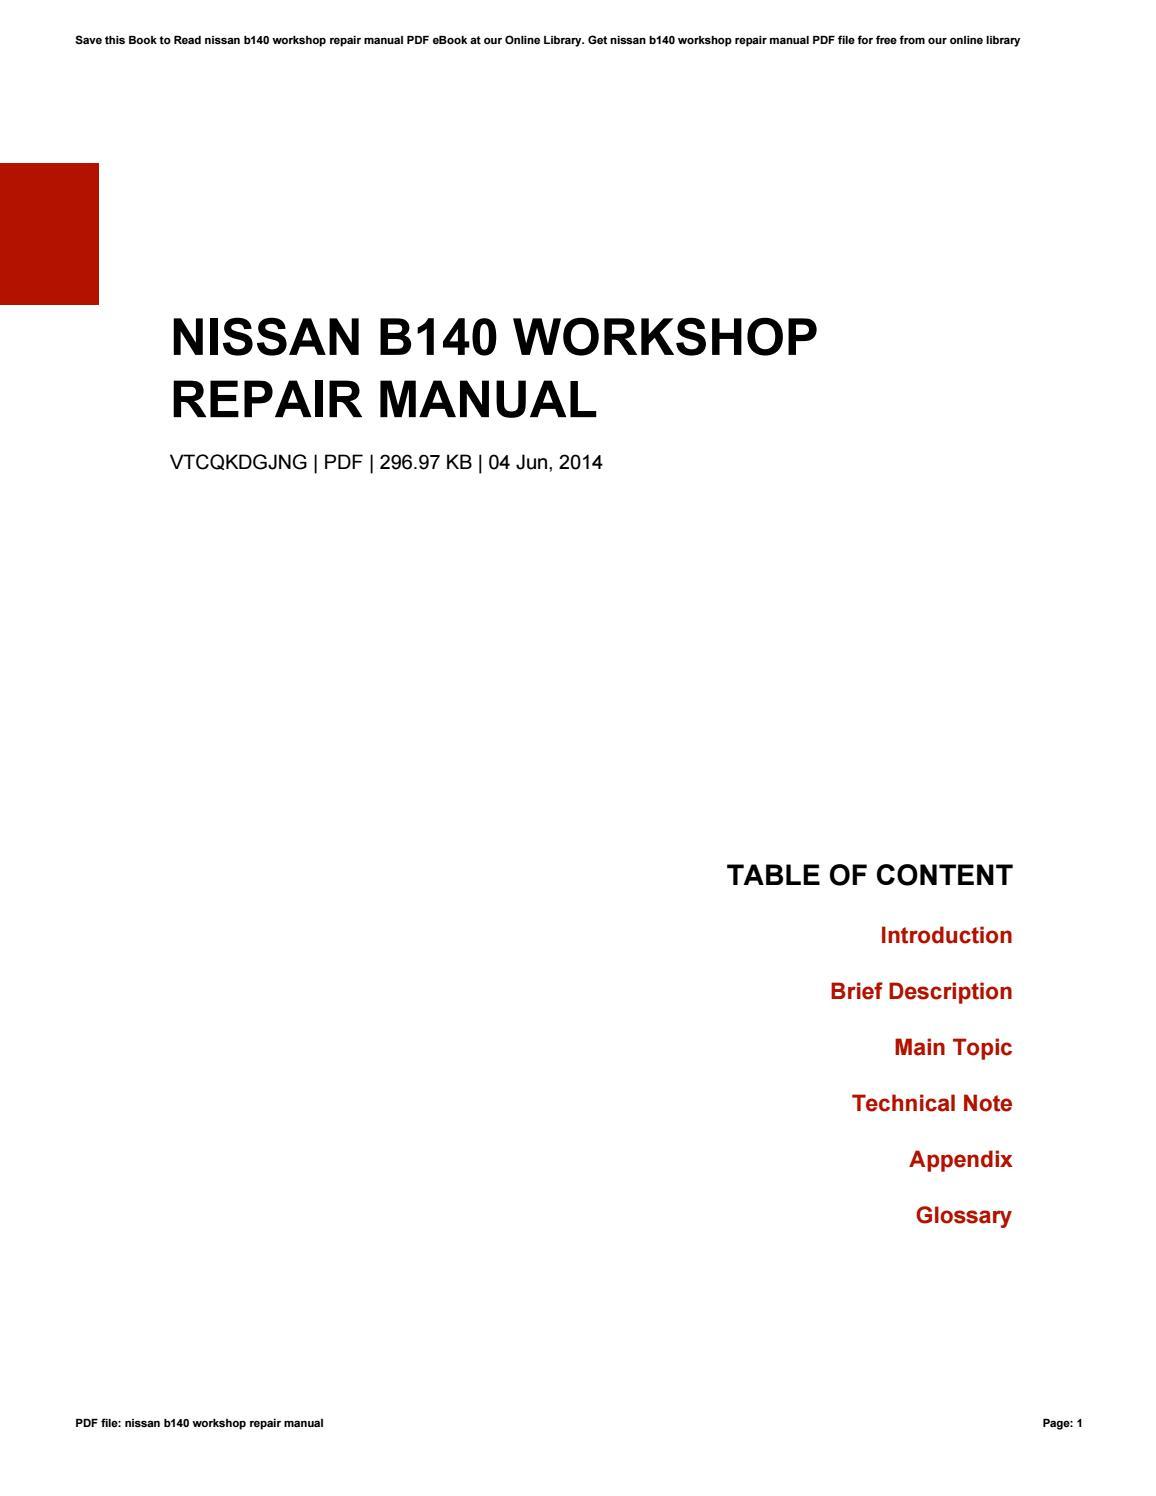 Nissan b140 workshop repair manual by ErnestMcDowell4614